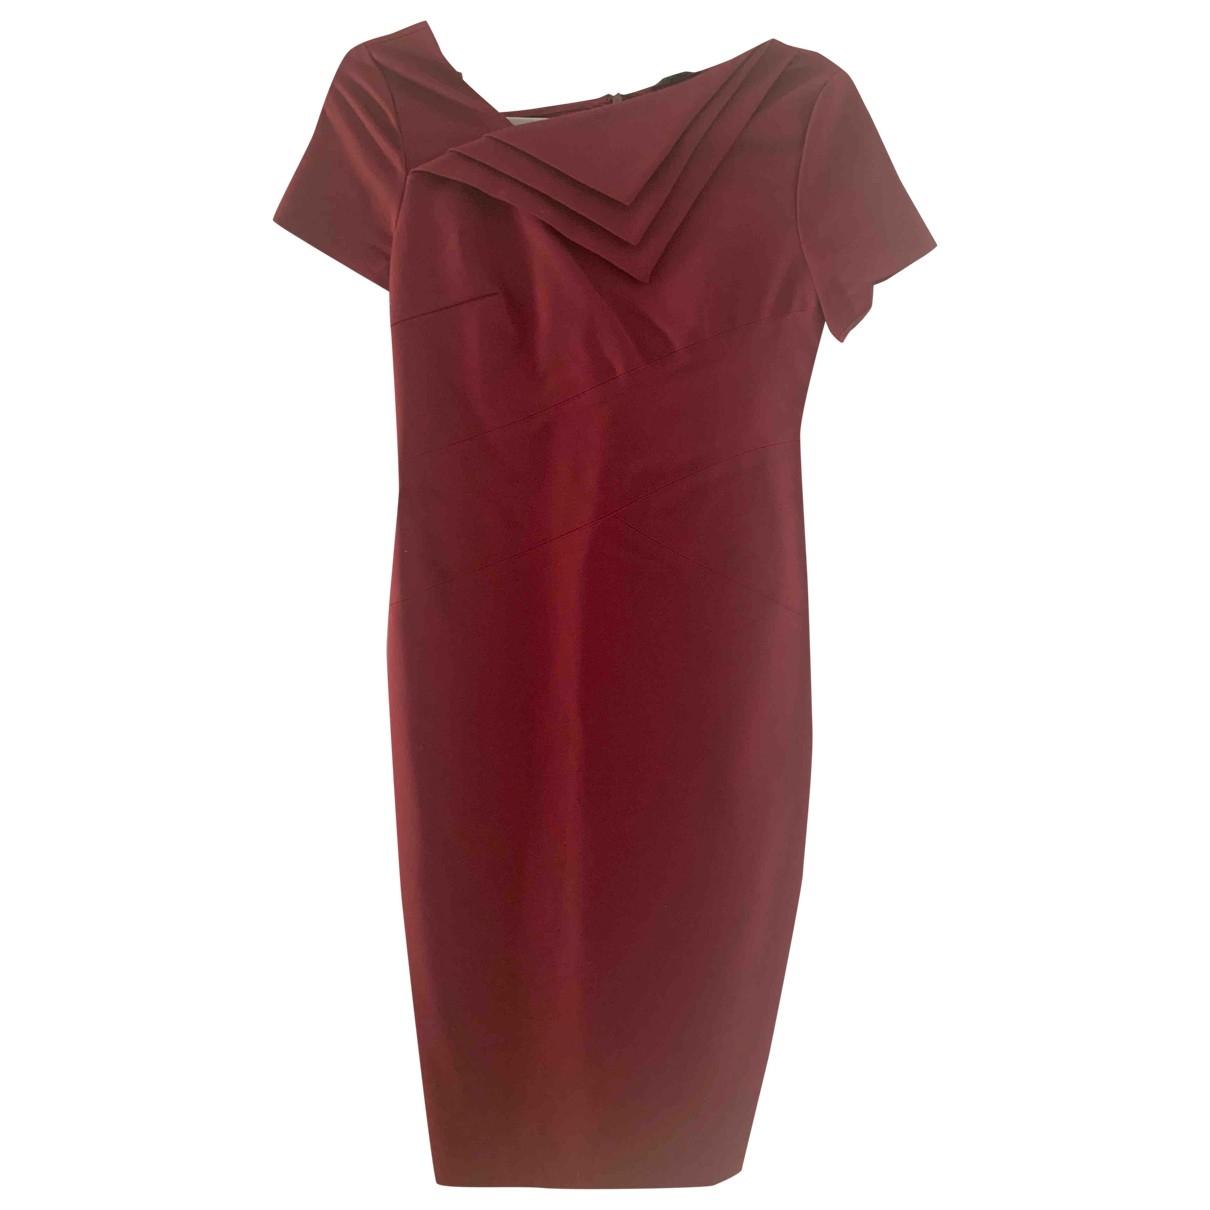 Raoul - Robe   pour femme en coton - elasthane - bordeaux